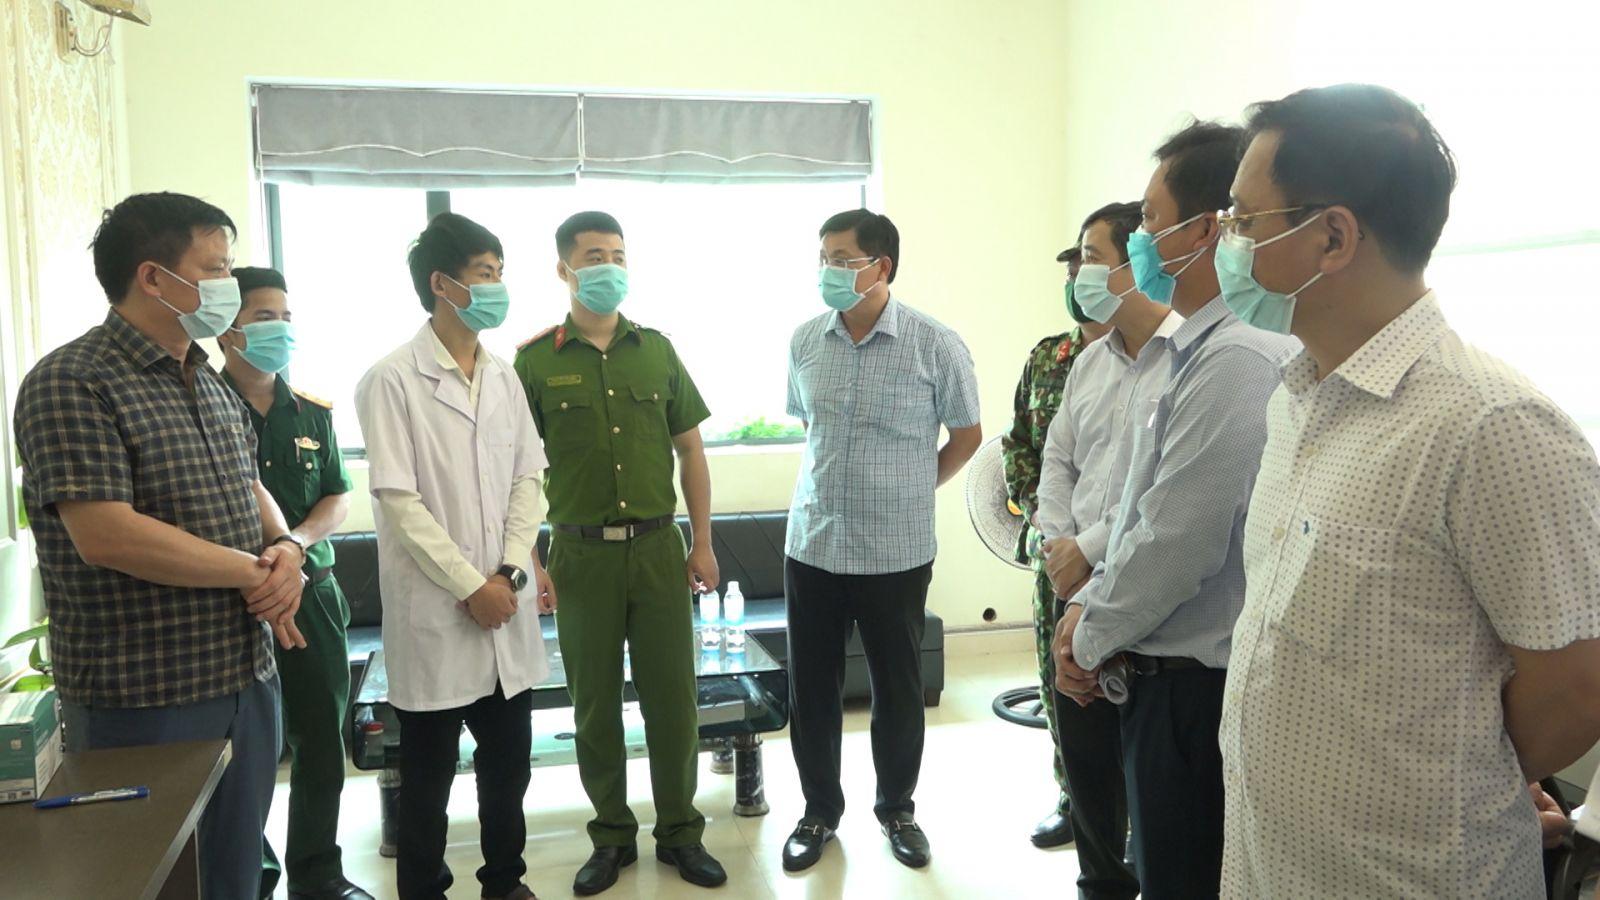 Thái Bình: Thêm 4 trường hợp dương tính với SARS-CoV-2 là sinh viên của trường Đại học Y Dược